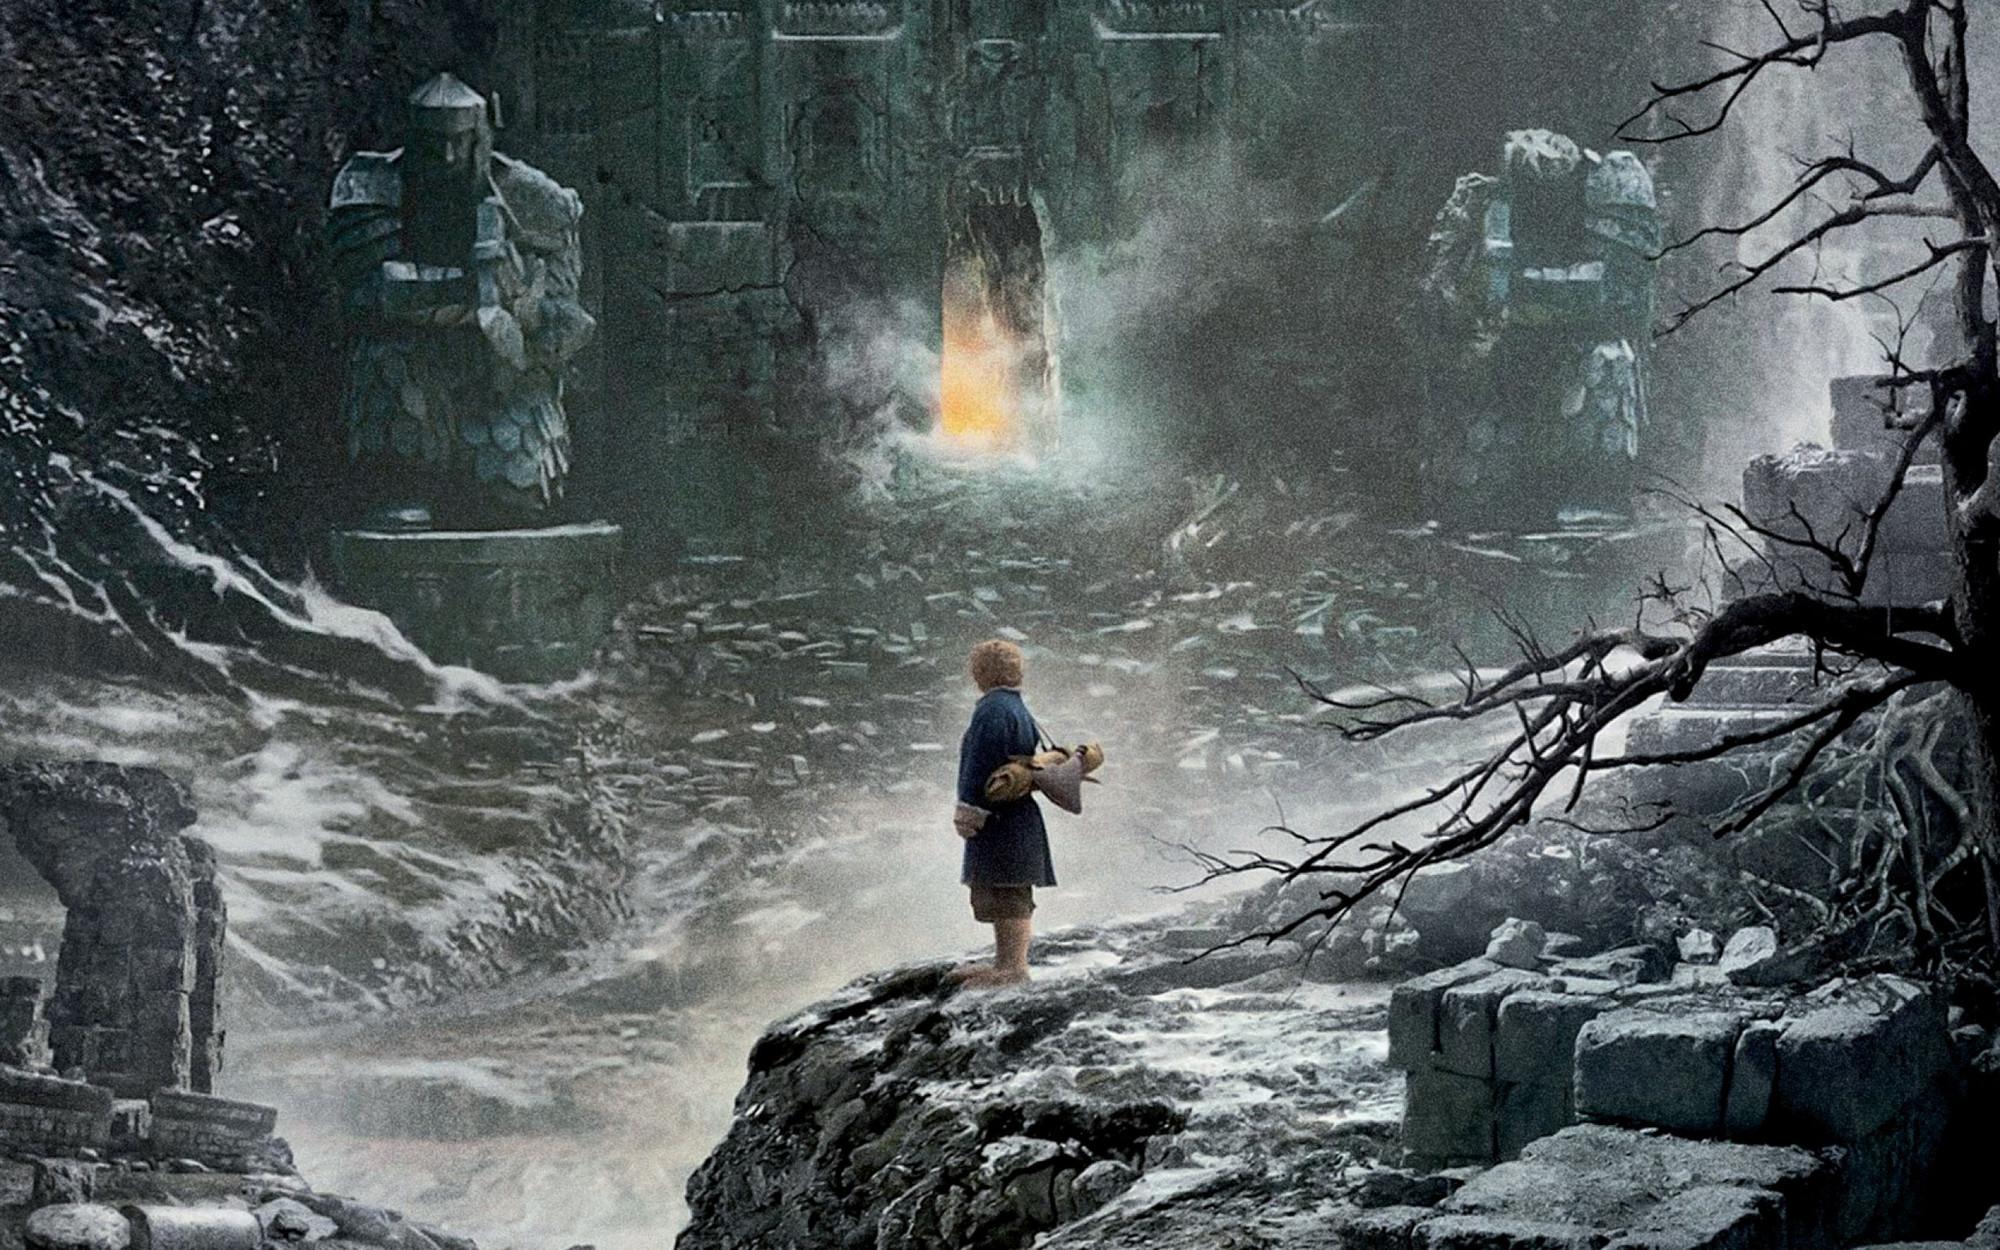 Peter Jackson The Hobbit The Desolation Of Smaug 2013 Moma